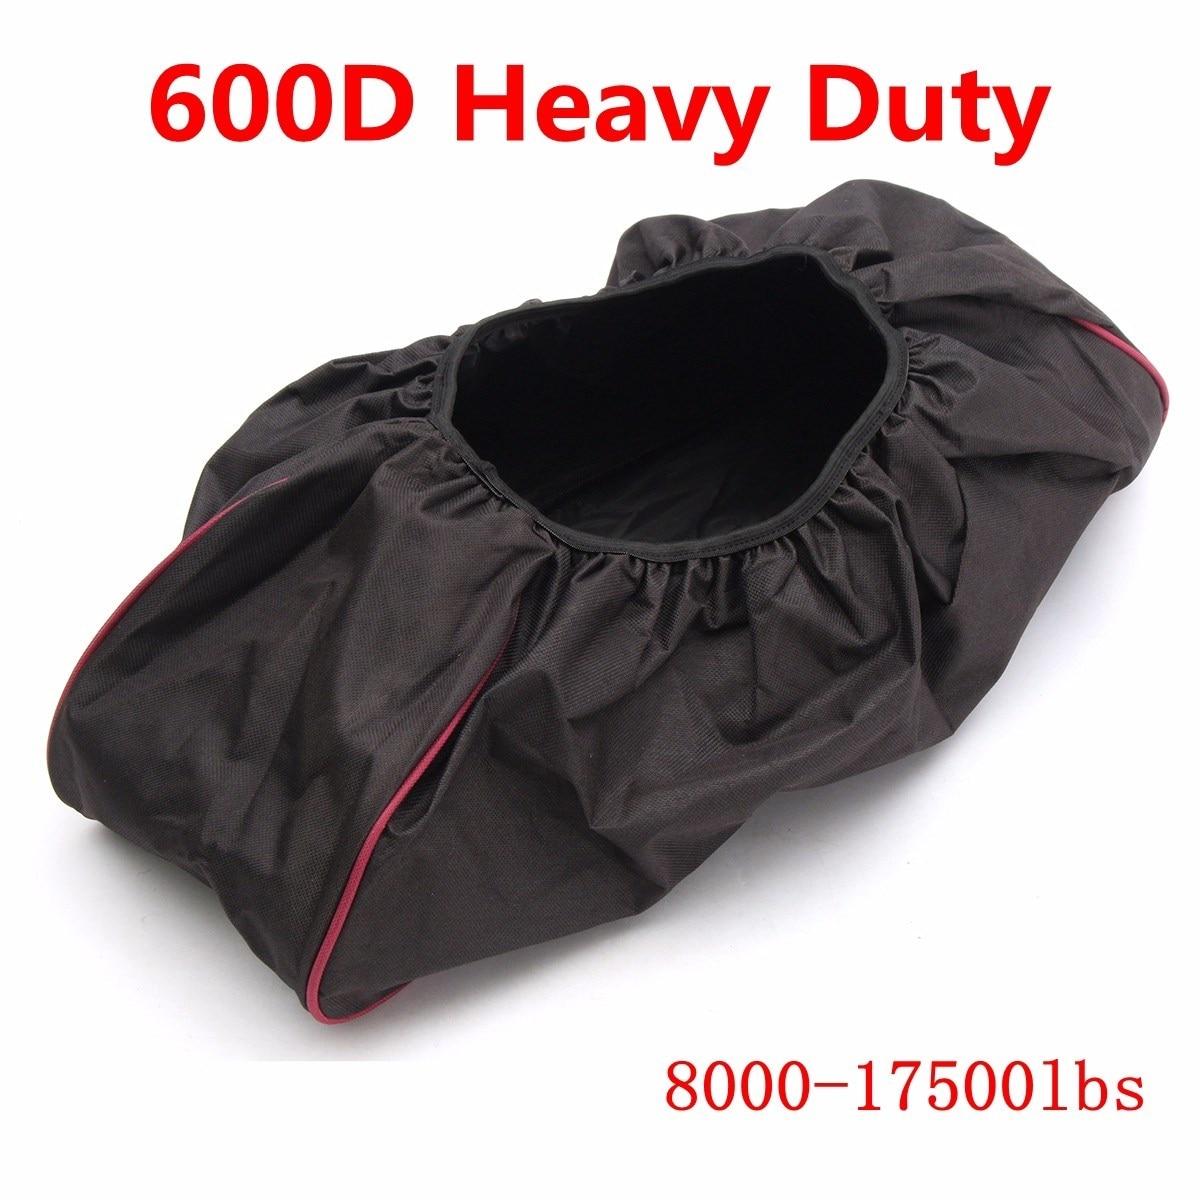 Schwarz Dicke Wasserdichte Weiche Winde Staub Winde Abdeckung 600D Fahrer Recovery 8000-17500 £ Anhänger SUVs 56*24*18 cm